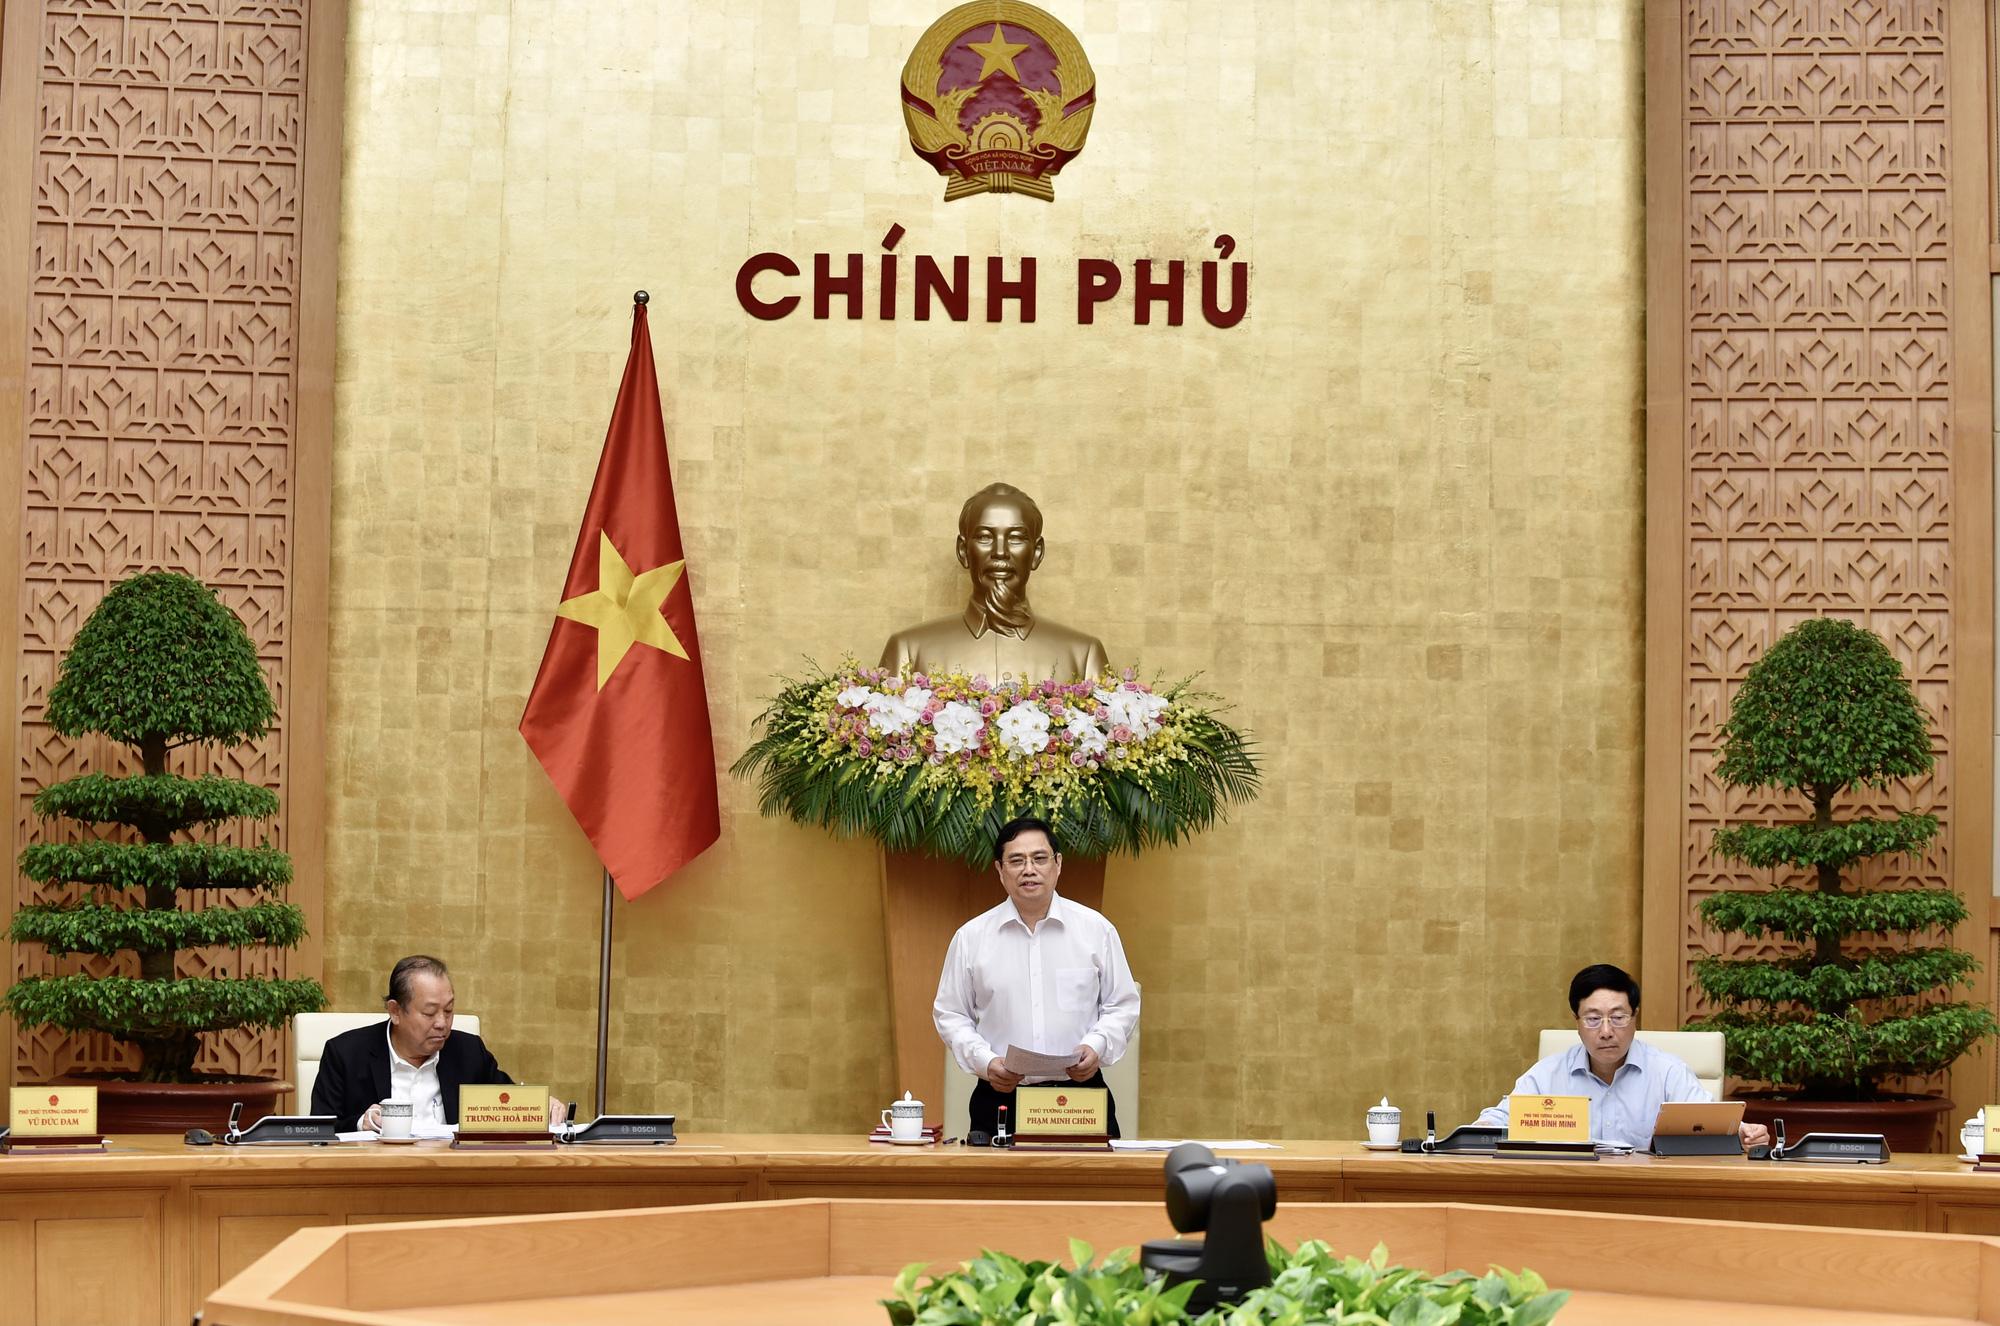 Thủ tướng Phạm Minh Chính chủ trì phiên họp Chính phủ đầu tiên sau khi nhân sự được kiện toàn - Ảnh 1.